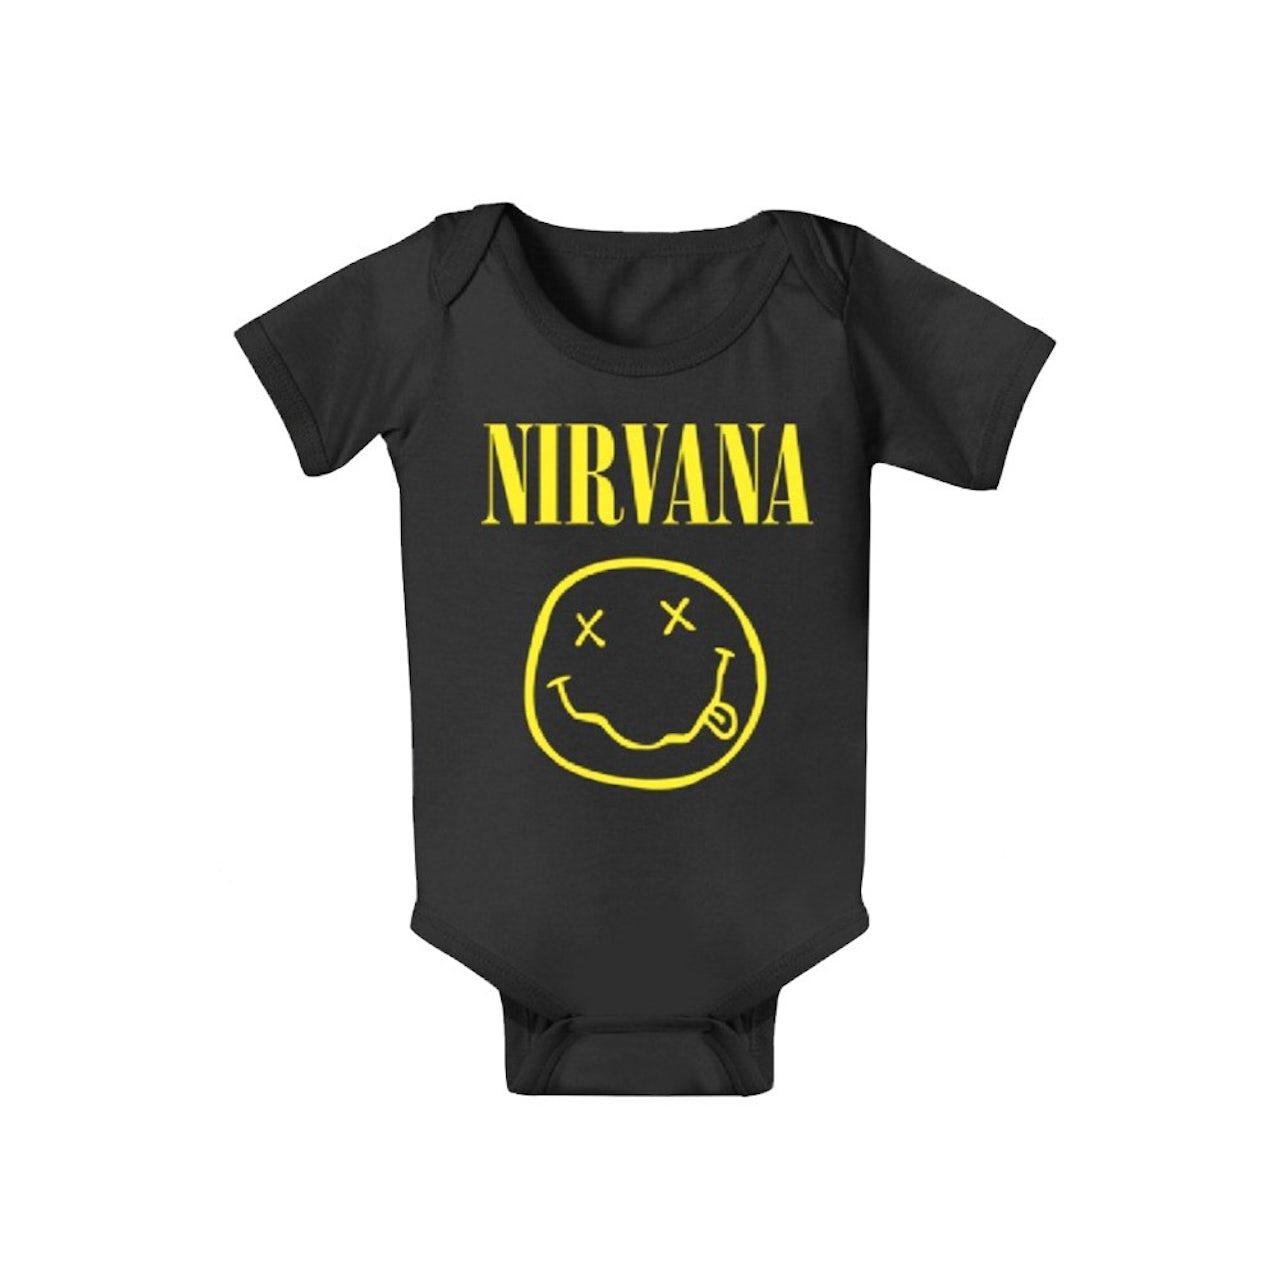 d110c3e060f82 Nirvana